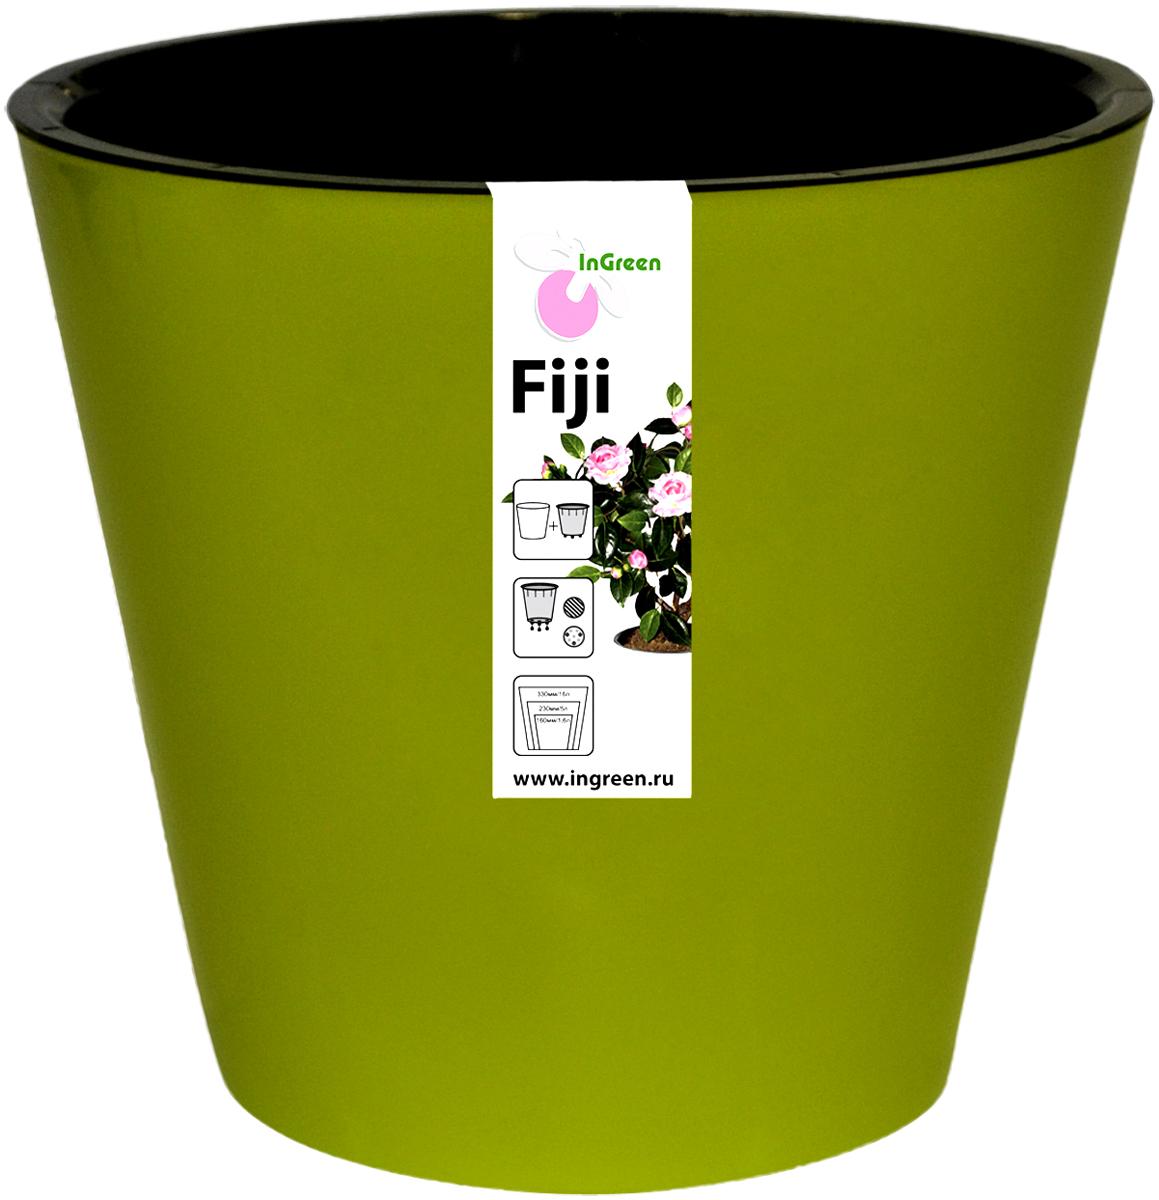 Горшок для цветов InGreen Фиджи, с ситемой автополива, цвет: салатовый, диаметр 16 смING1553СЛГоршок InGreen Фиджи, выполненный из высококачественного пластика, предназначен для выращивания комнатных цветов, растений и трав. Специальная конструкция обеспечивает вентиляцию в корневой системе растения, а дренажные отверстия позволяют выходить лишней влаге из почвы. Изделие состоит из цветного кашпо и внутреннего горшка. Растение высаживается во внутренний горшок и вставляется в кашпо. Инновационная система автополива обладает рядом преимуществ: экономит время при уходе за растением, вода не протекает при поливе и нет необходимости в подставке, корни не застаиваются в воде. Такой горшок порадует вас современным дизайном и функциональностью, а также оригинально украсит интерьер любого помещения. Объем: 1,6 л. Диаметр (по верхнему краю): 16 см. Высота: 14,5 см.